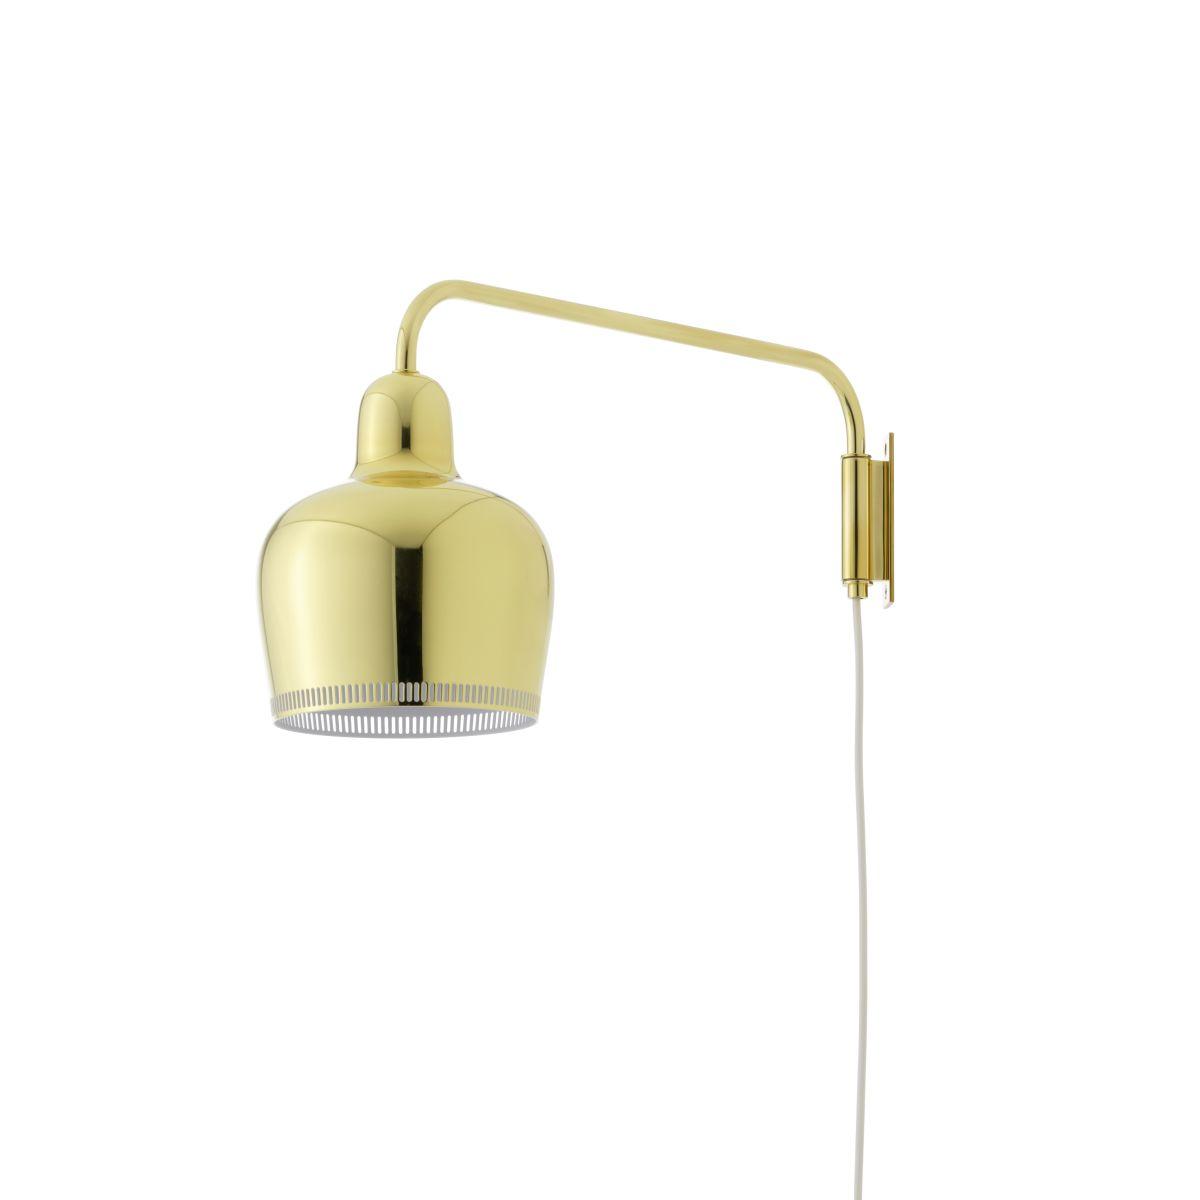 Wall-Light-A330S_Golden-Bell_Brass-Off_F_Web-2400814